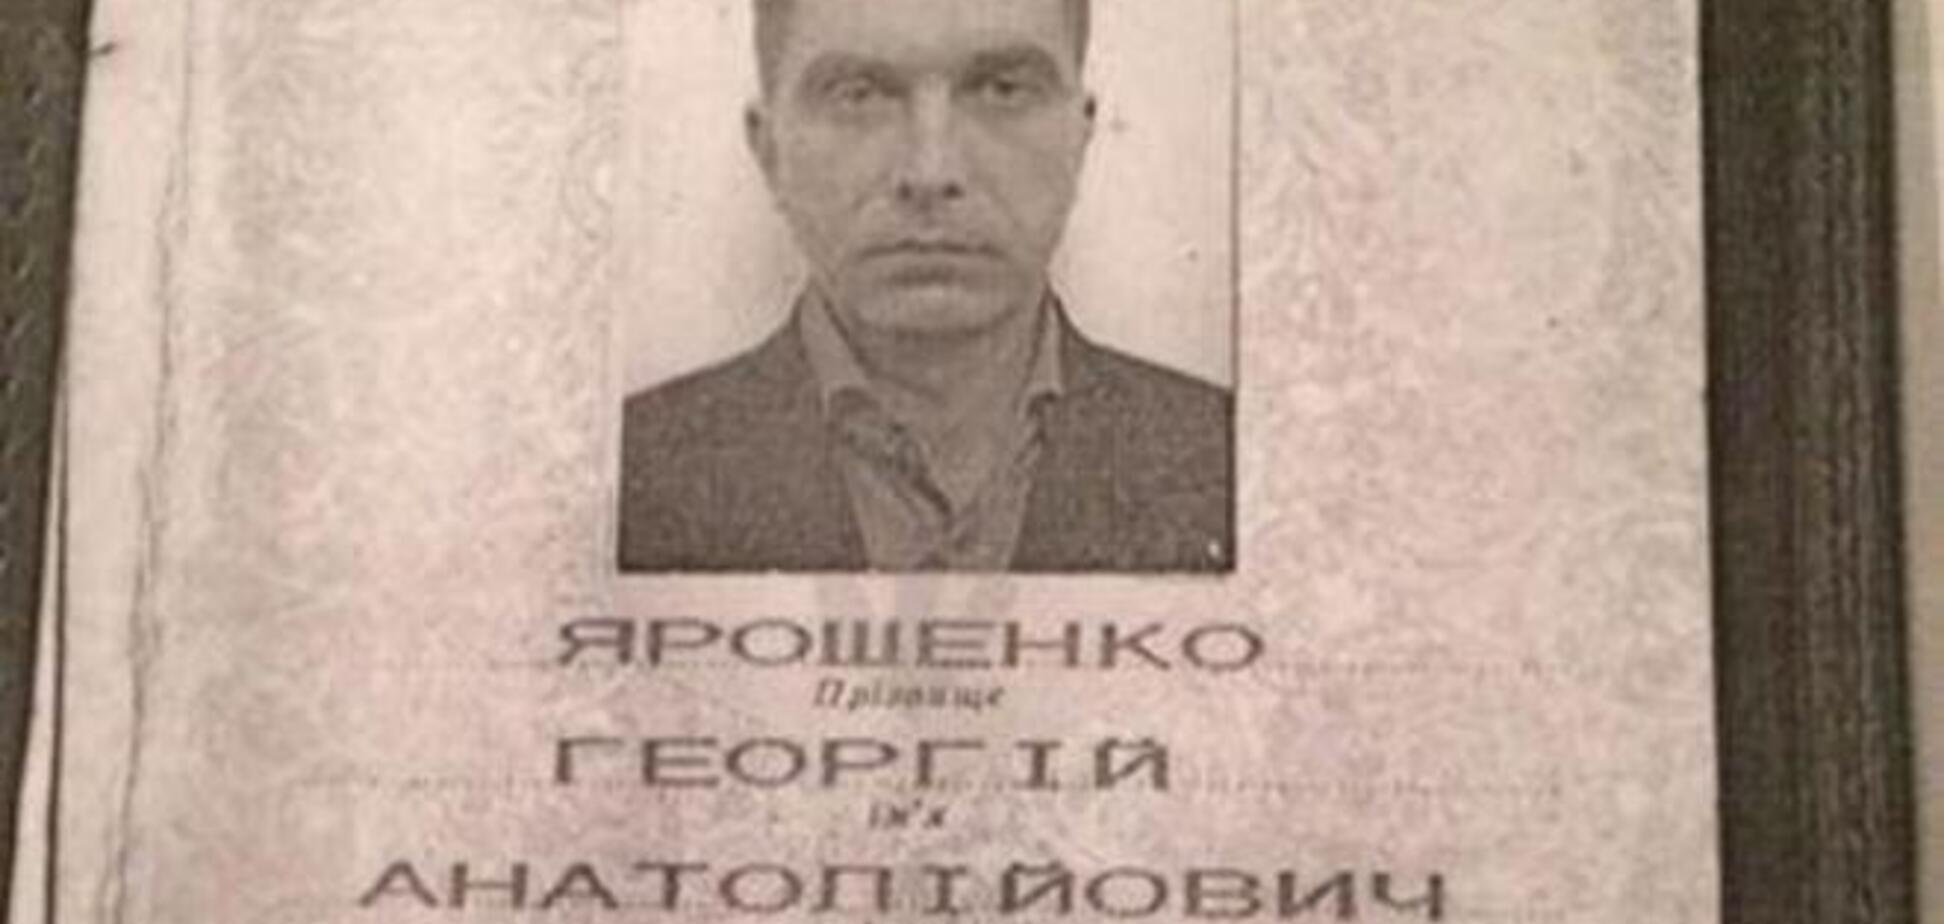 Правоохранители начали расследовать громкий скандал вымогательства денег у днепропетровских бизнесменов